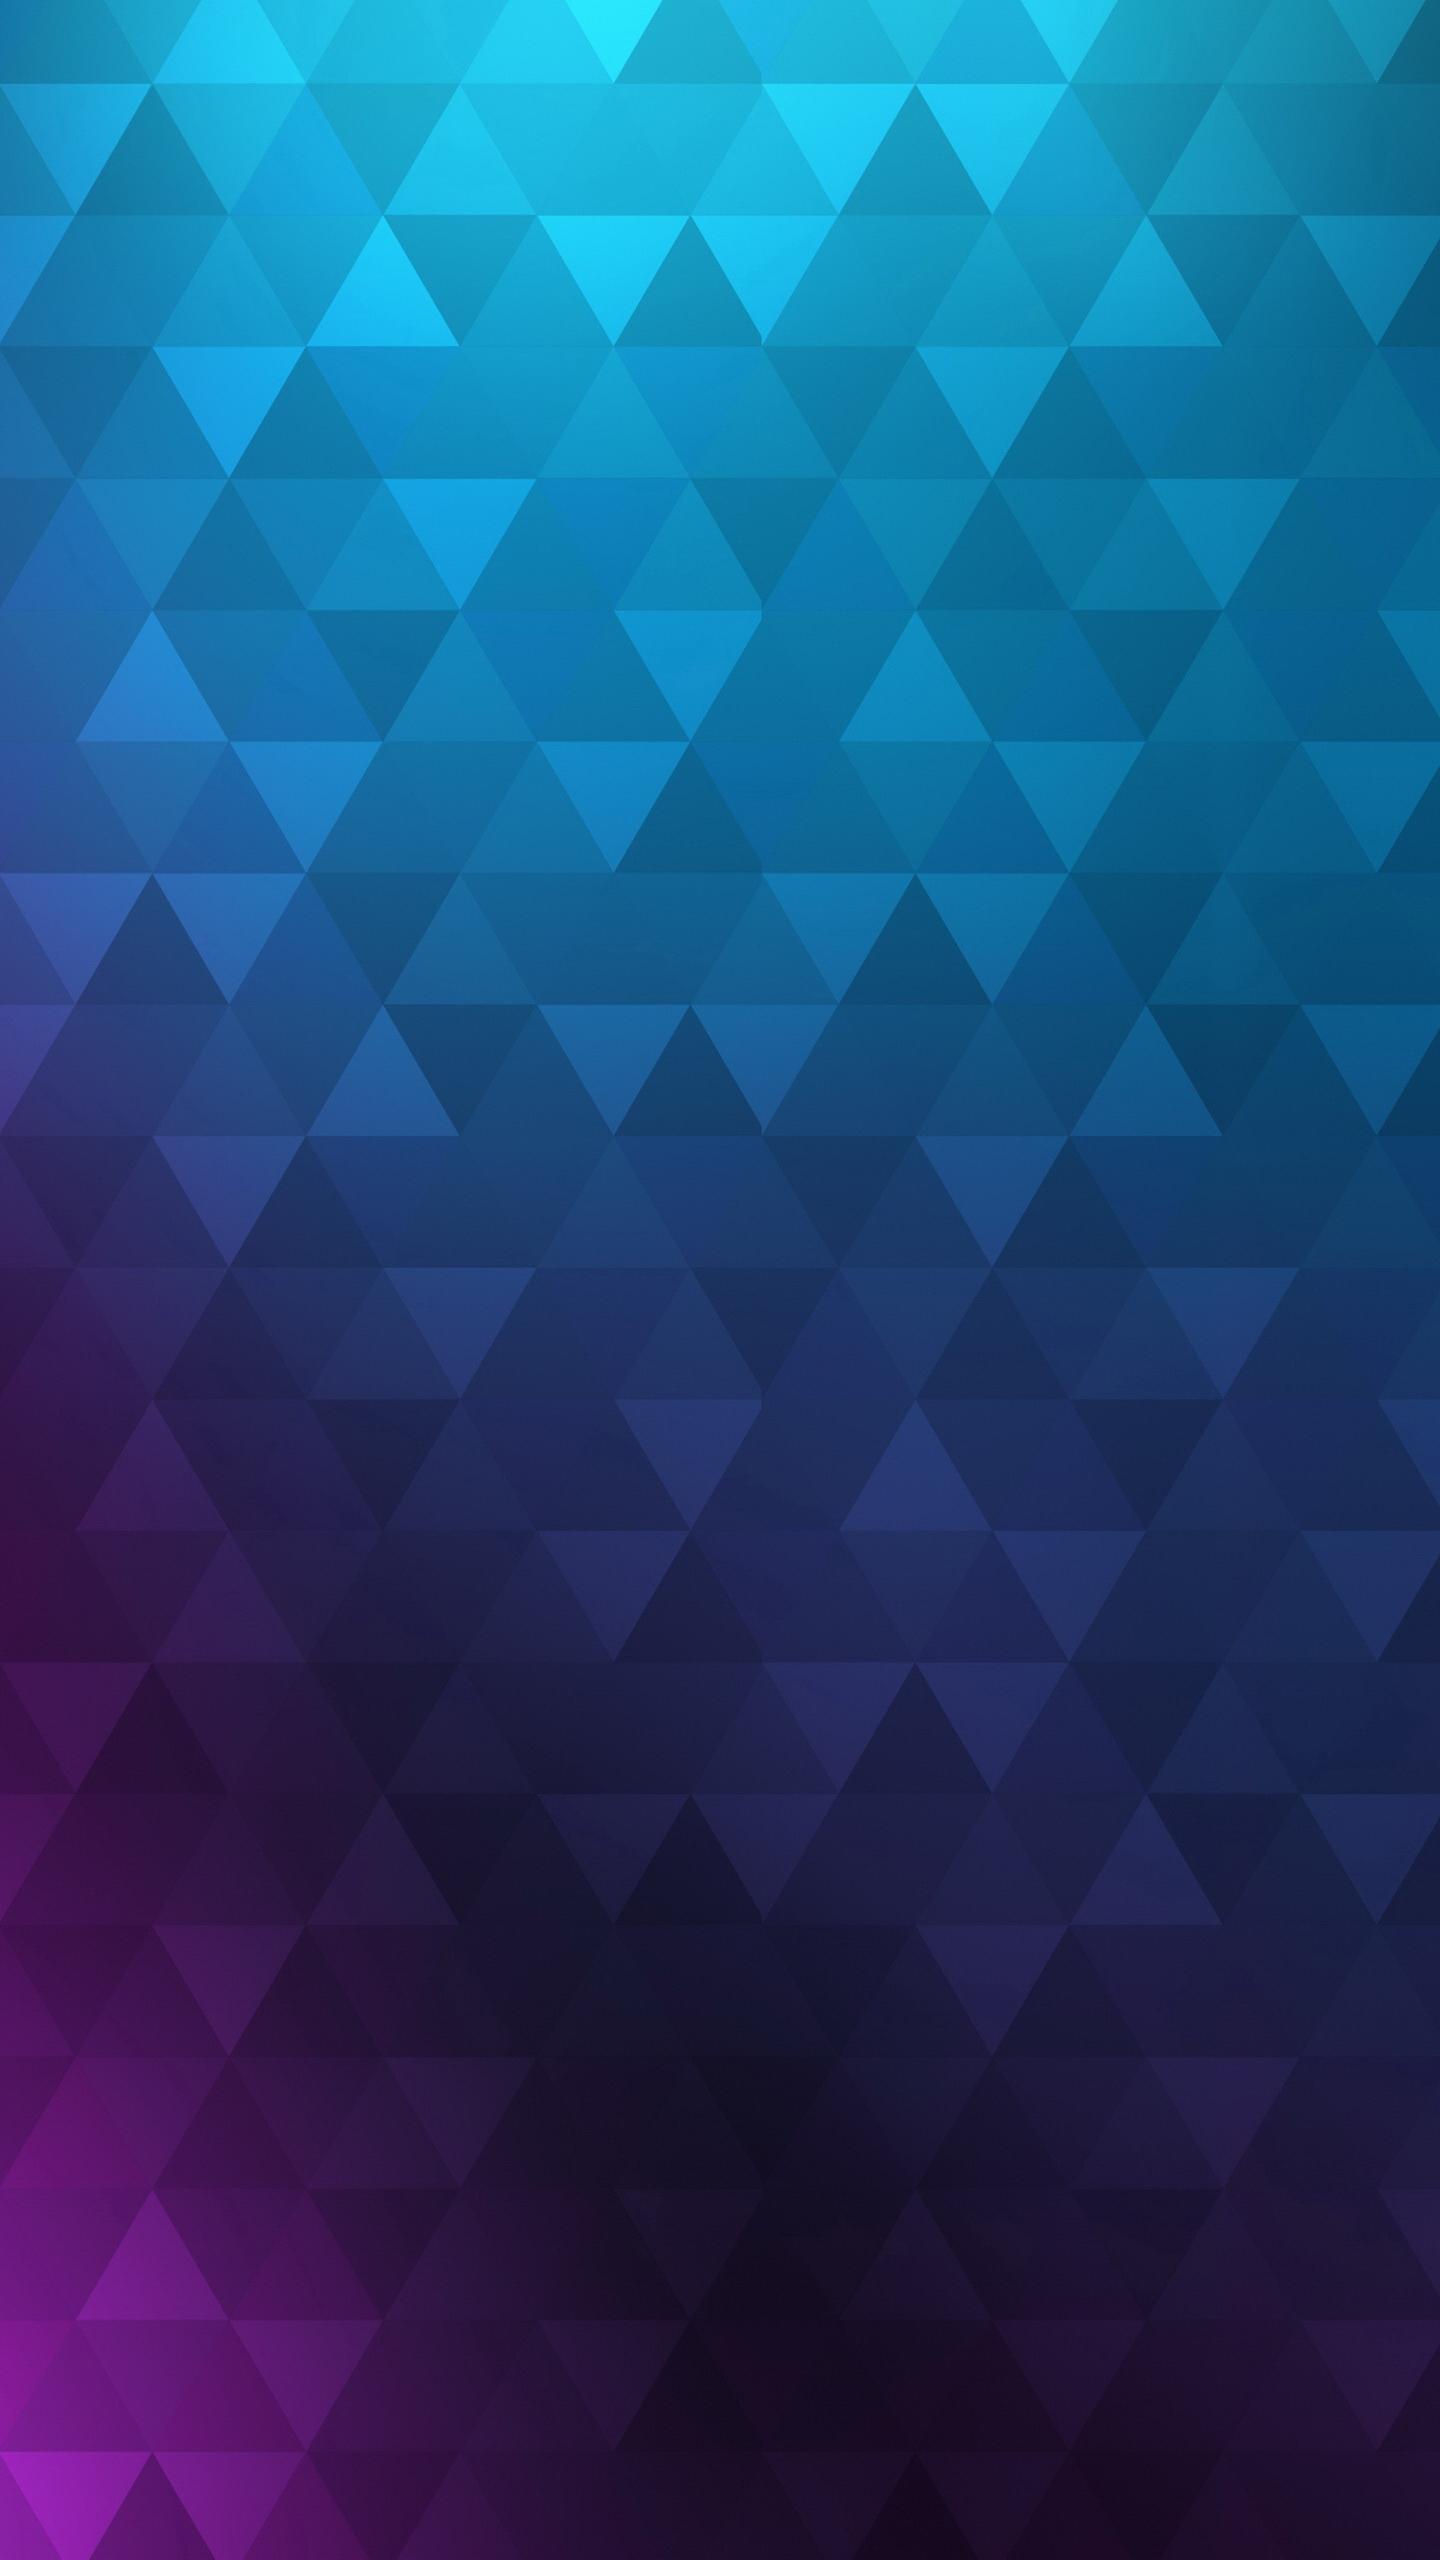 1440X2560 Vertical Wallpaper 1440x2560